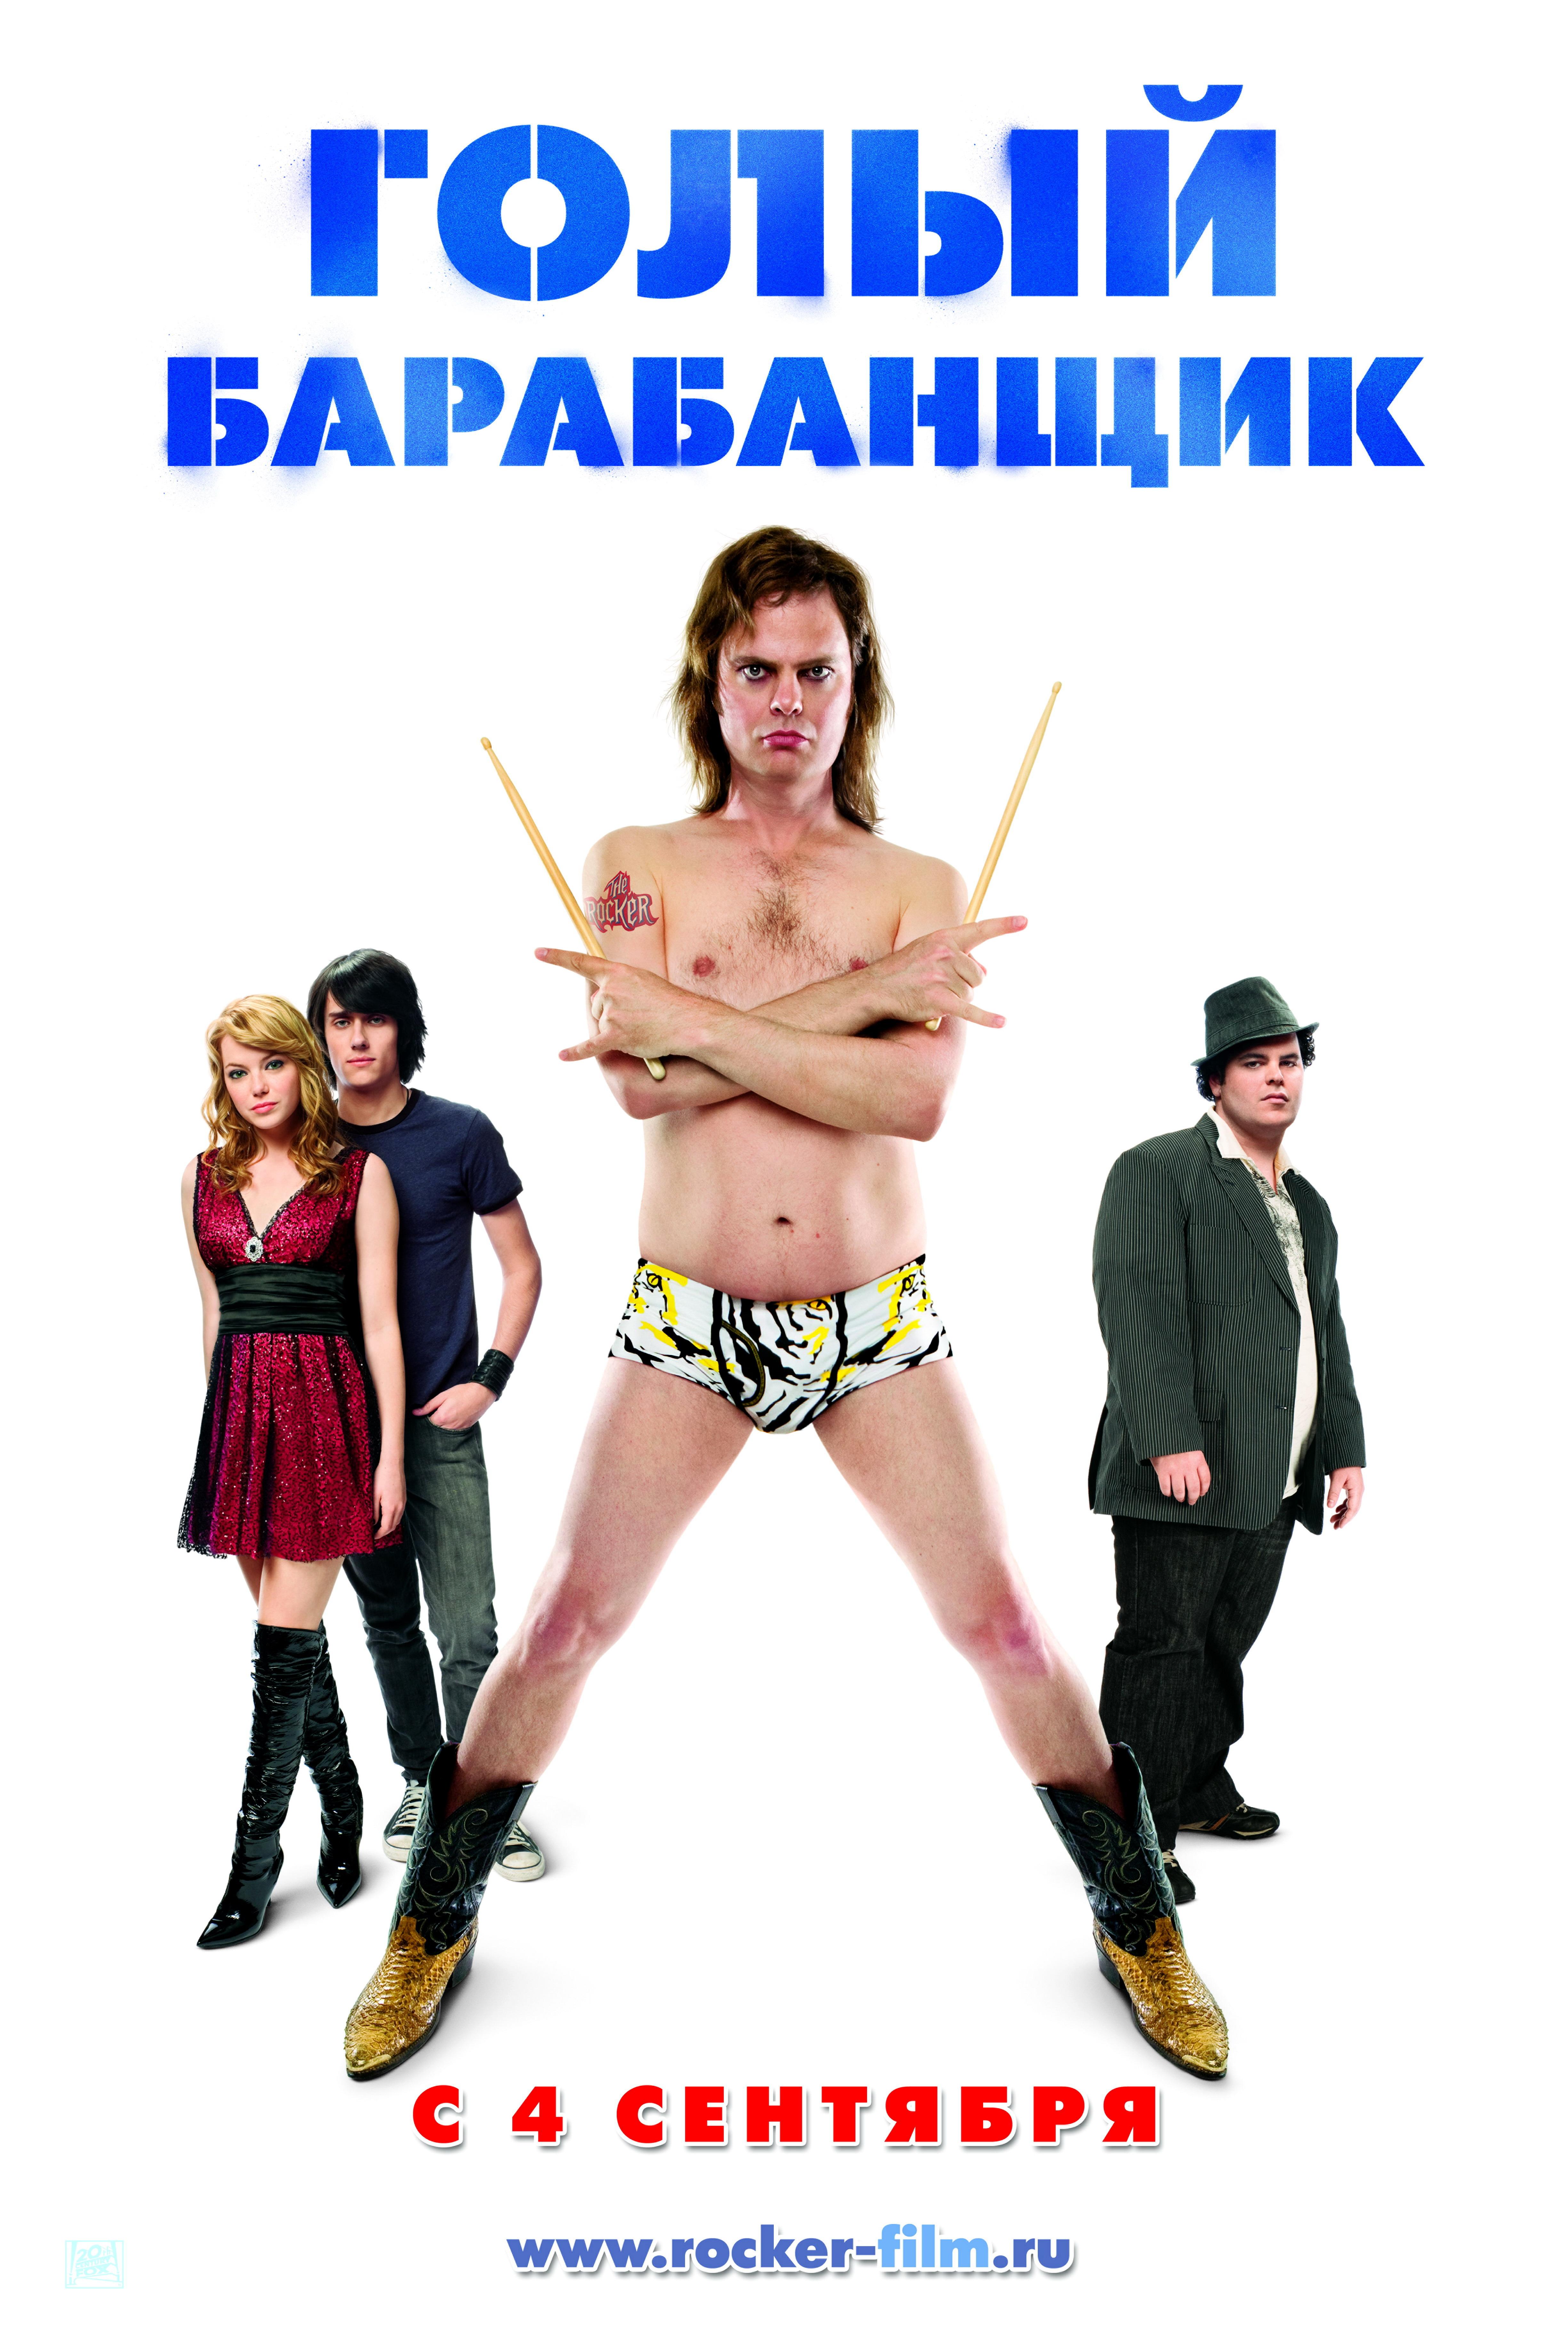 goliy-barabanshik-film-2008